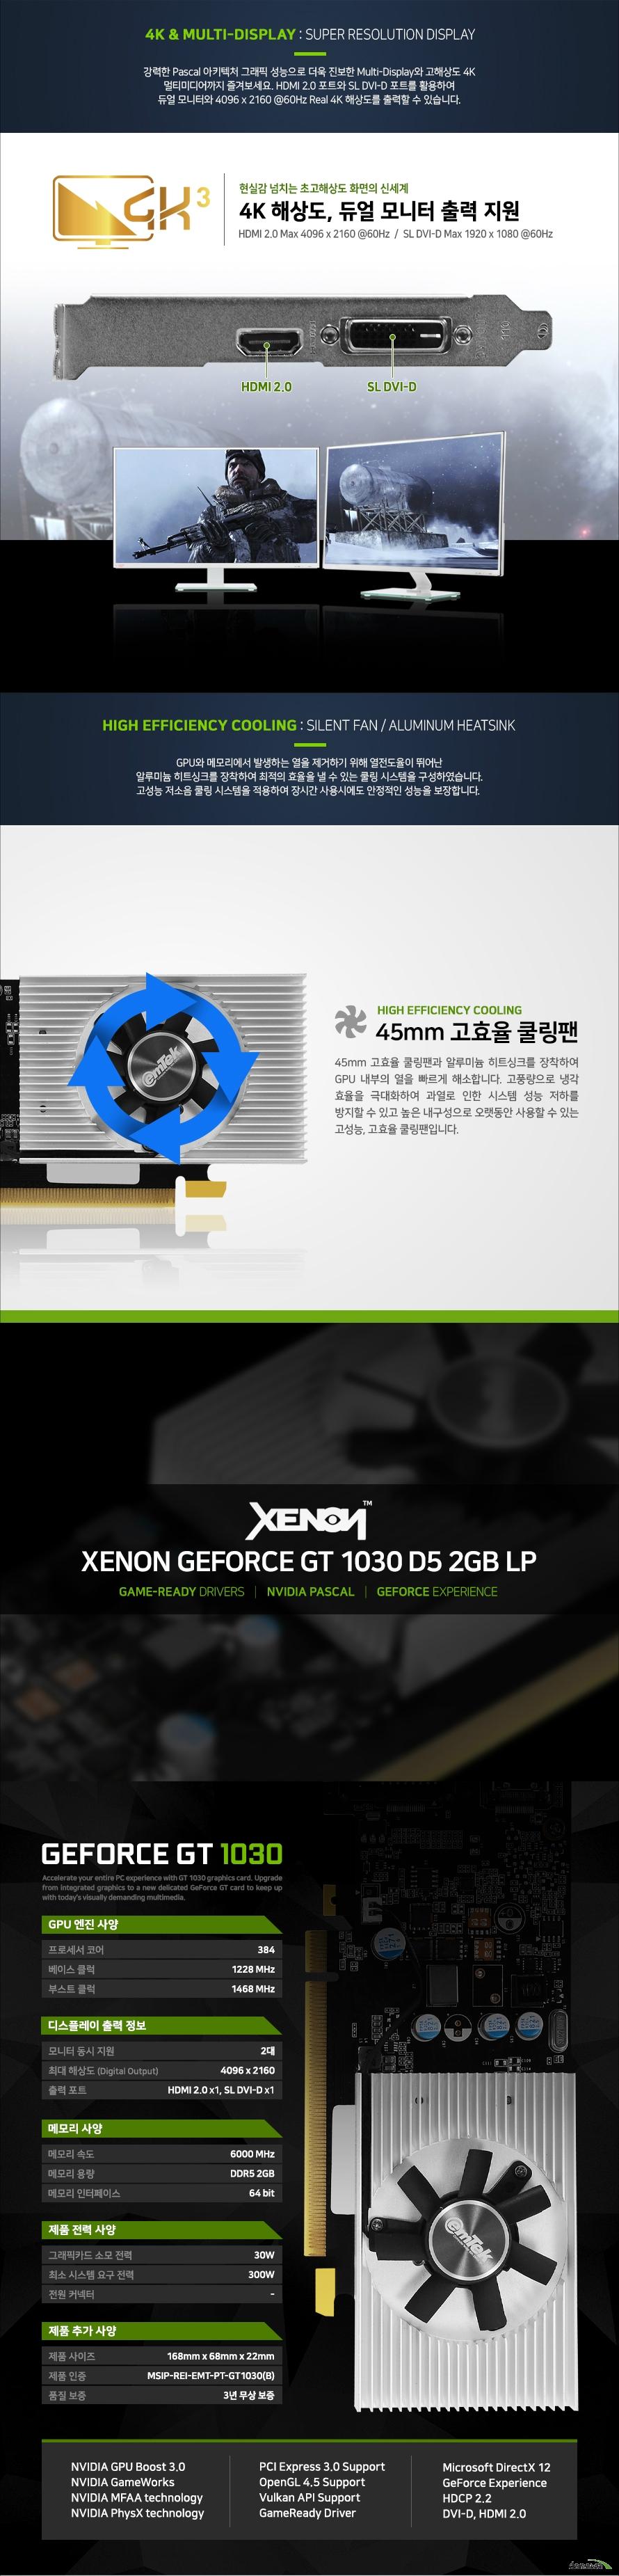 이엠텍 XENON 지포스 GT1030 D5 2GB LP